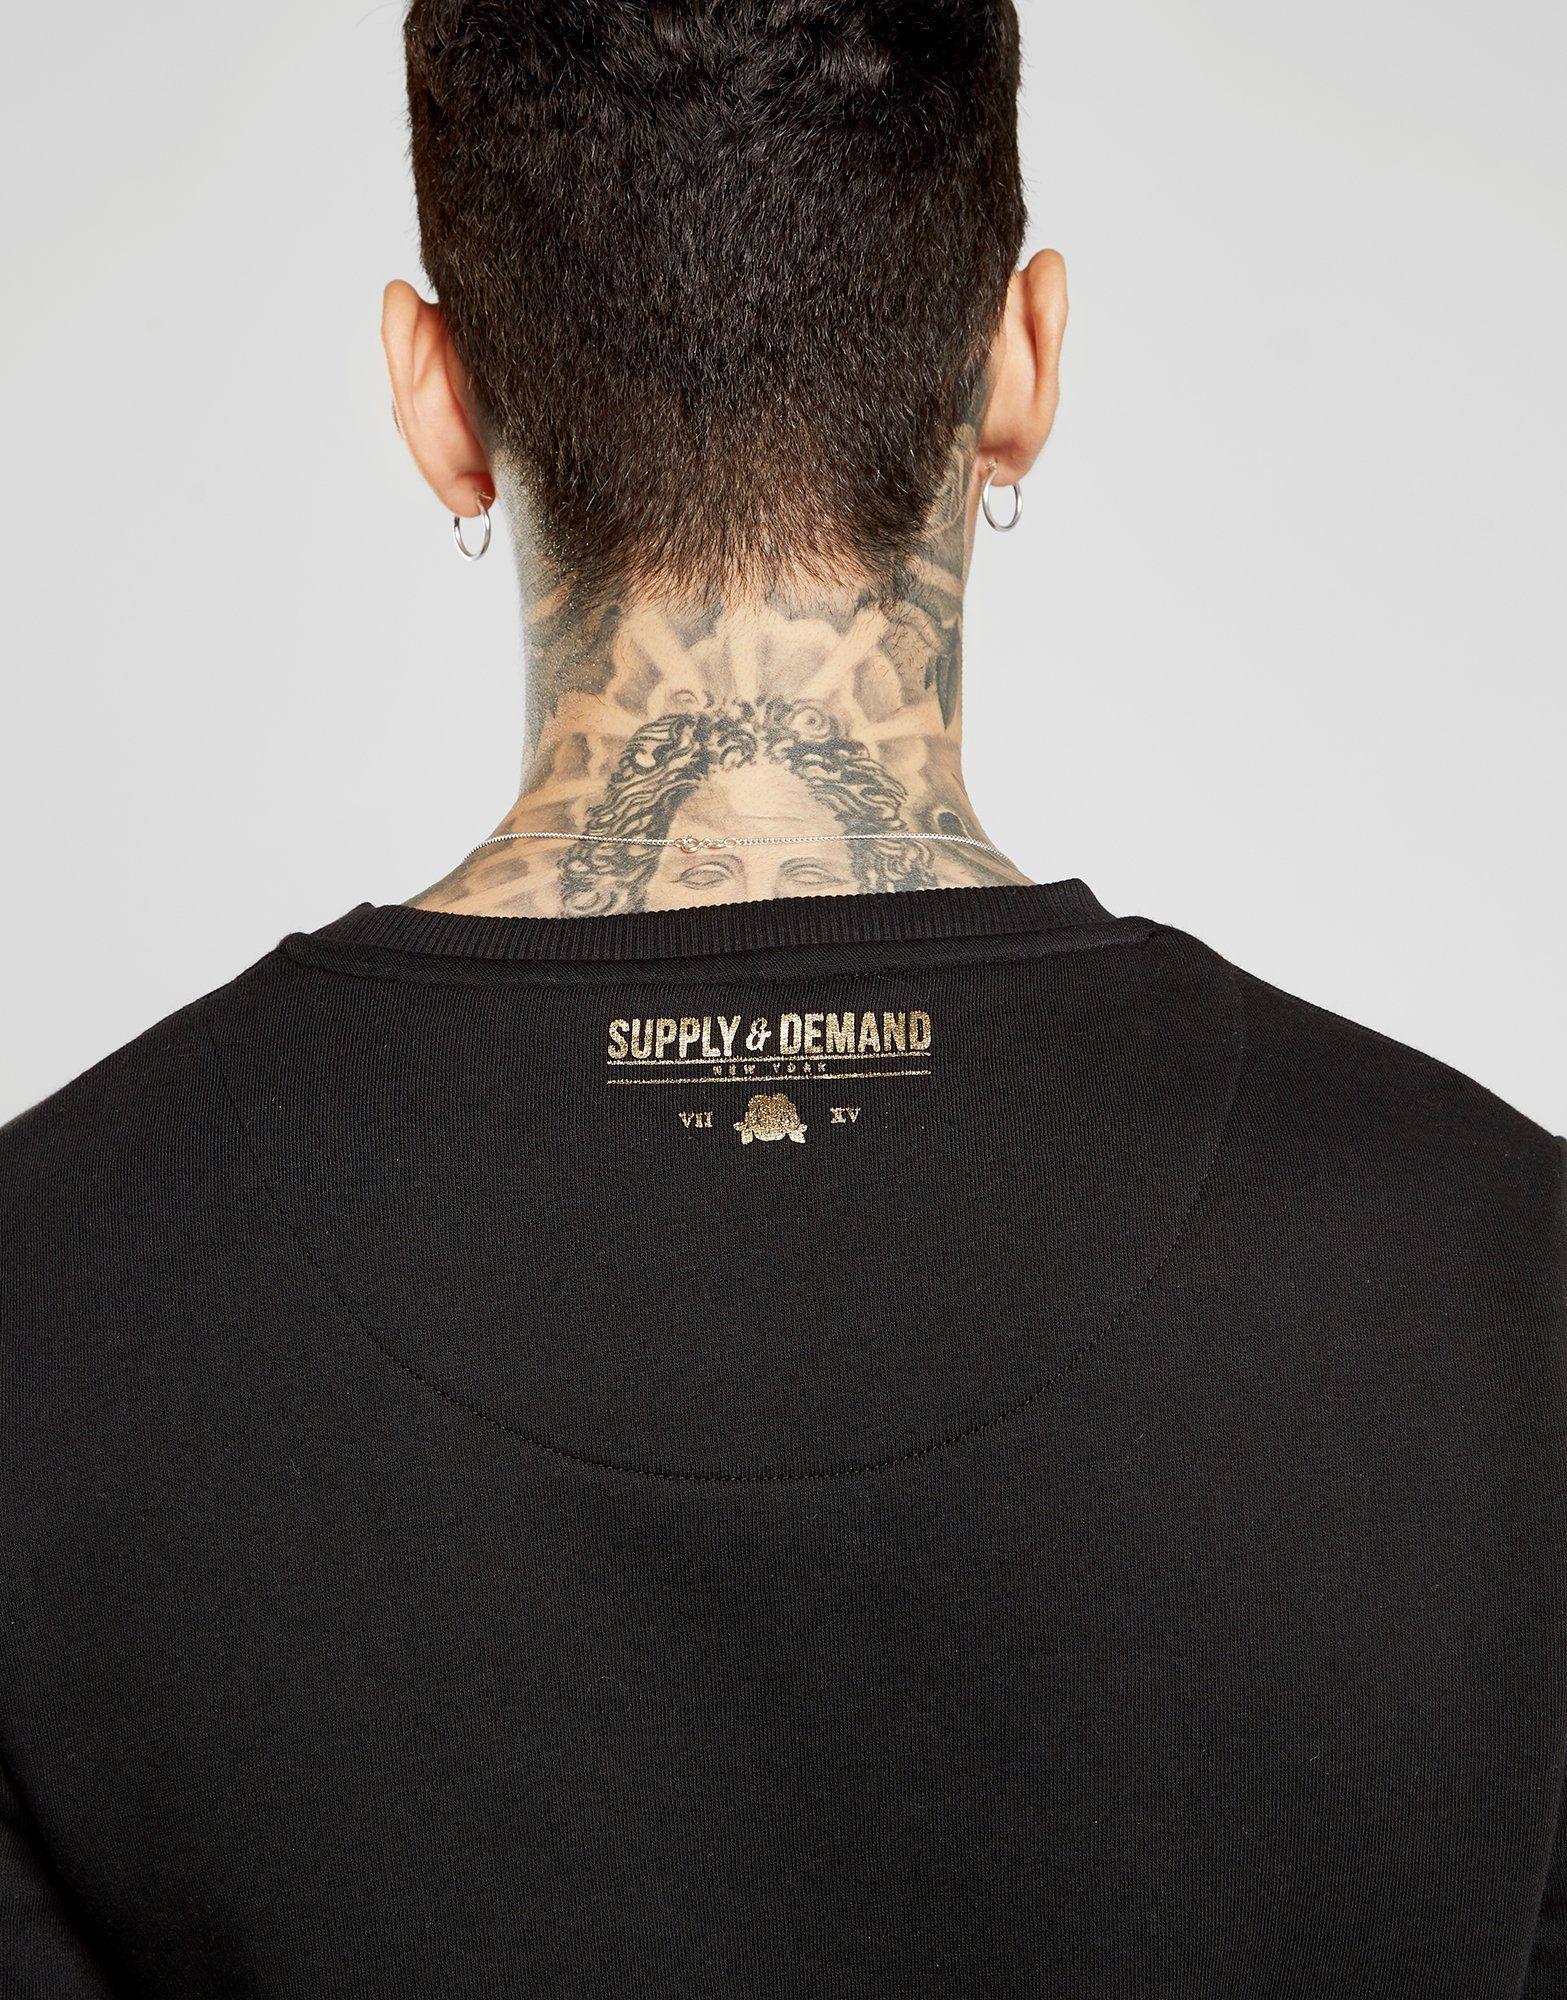 Supply & Demand Baroque Crew Sweatshirt